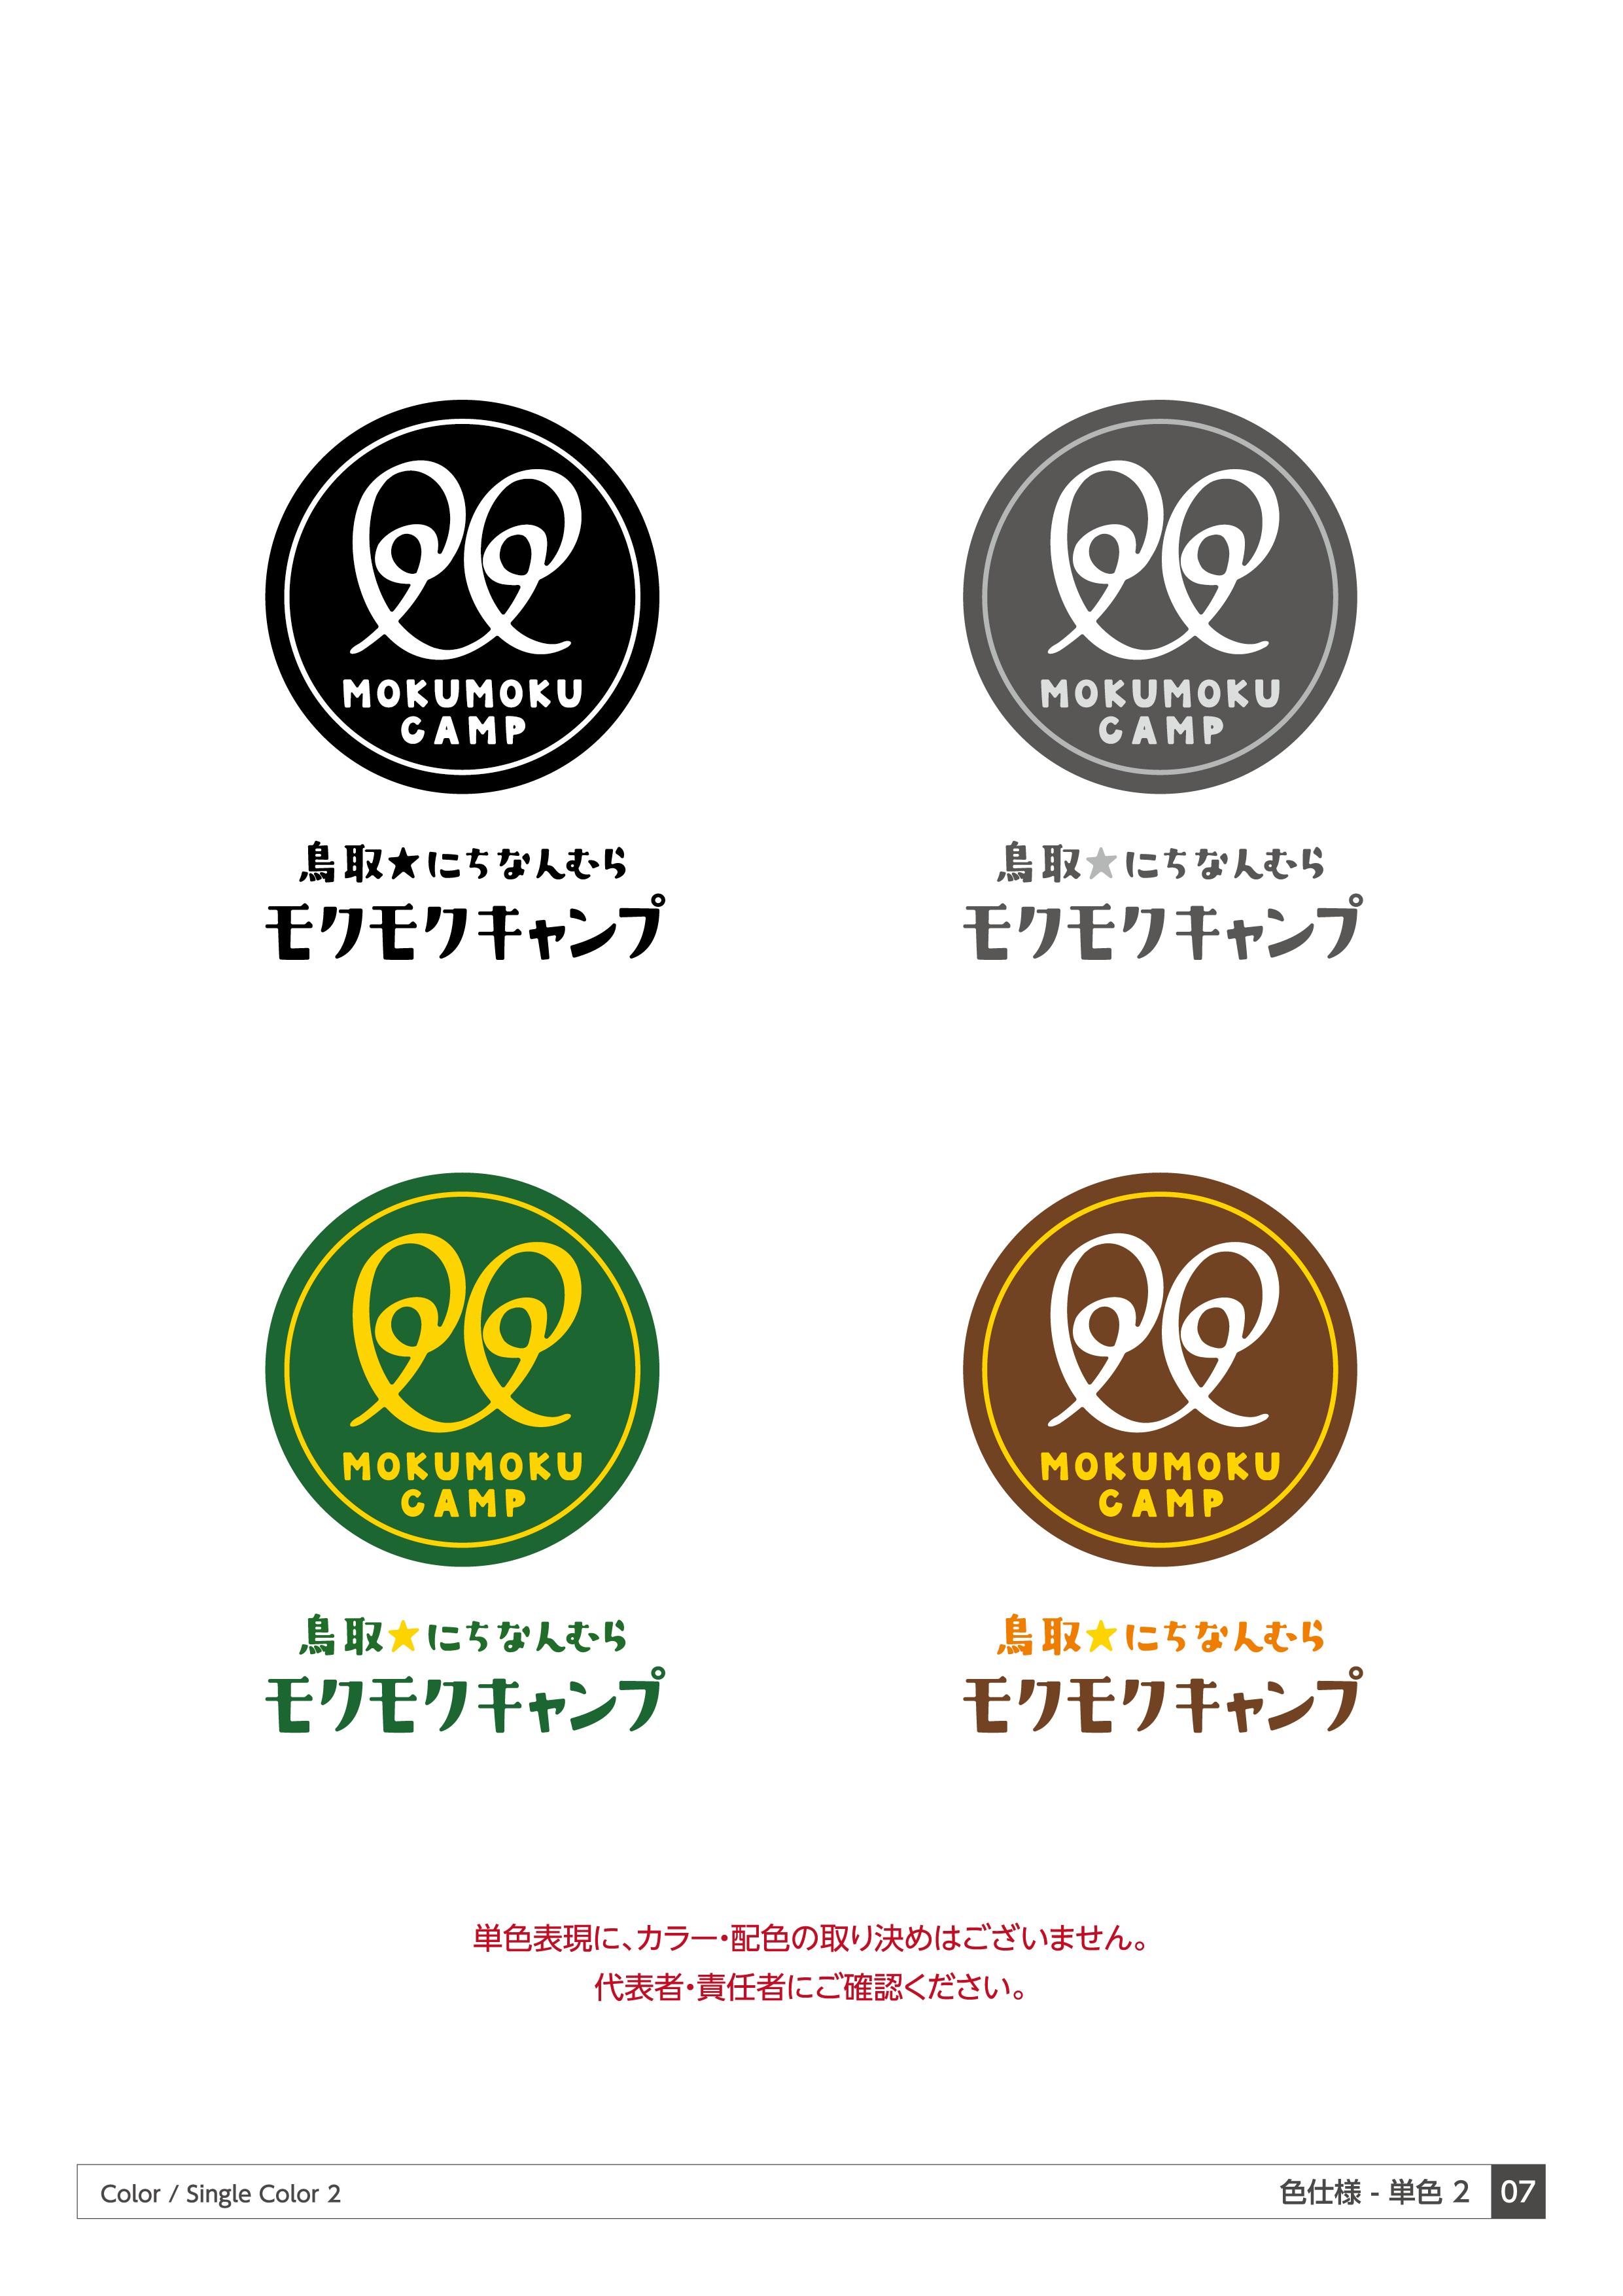 鳥取にちなんむらモクモクキャンプ-ロゴマーク08